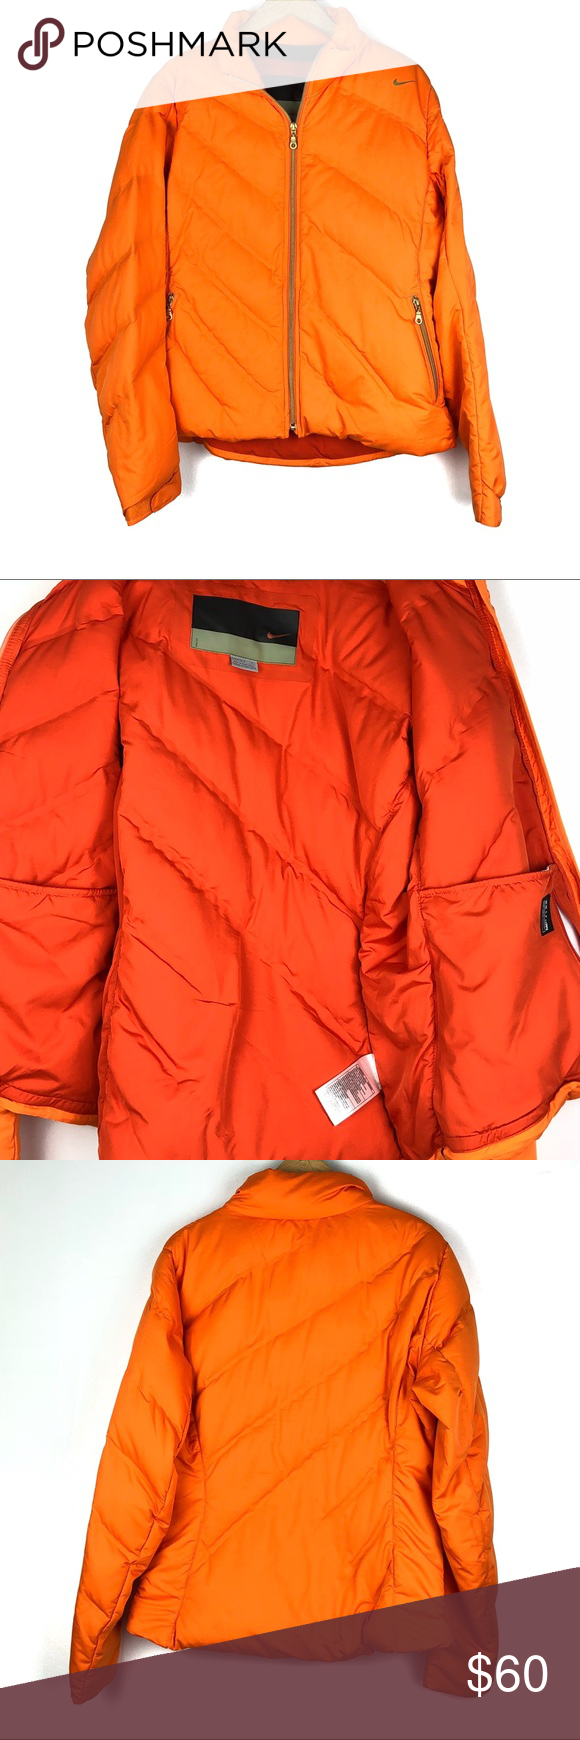 Nike Puffer Jacket L Orange Goose Down Fill O1512 Nike Puffer Jacket Jackets Clothes Design [ 1740 x 580 Pixel ]